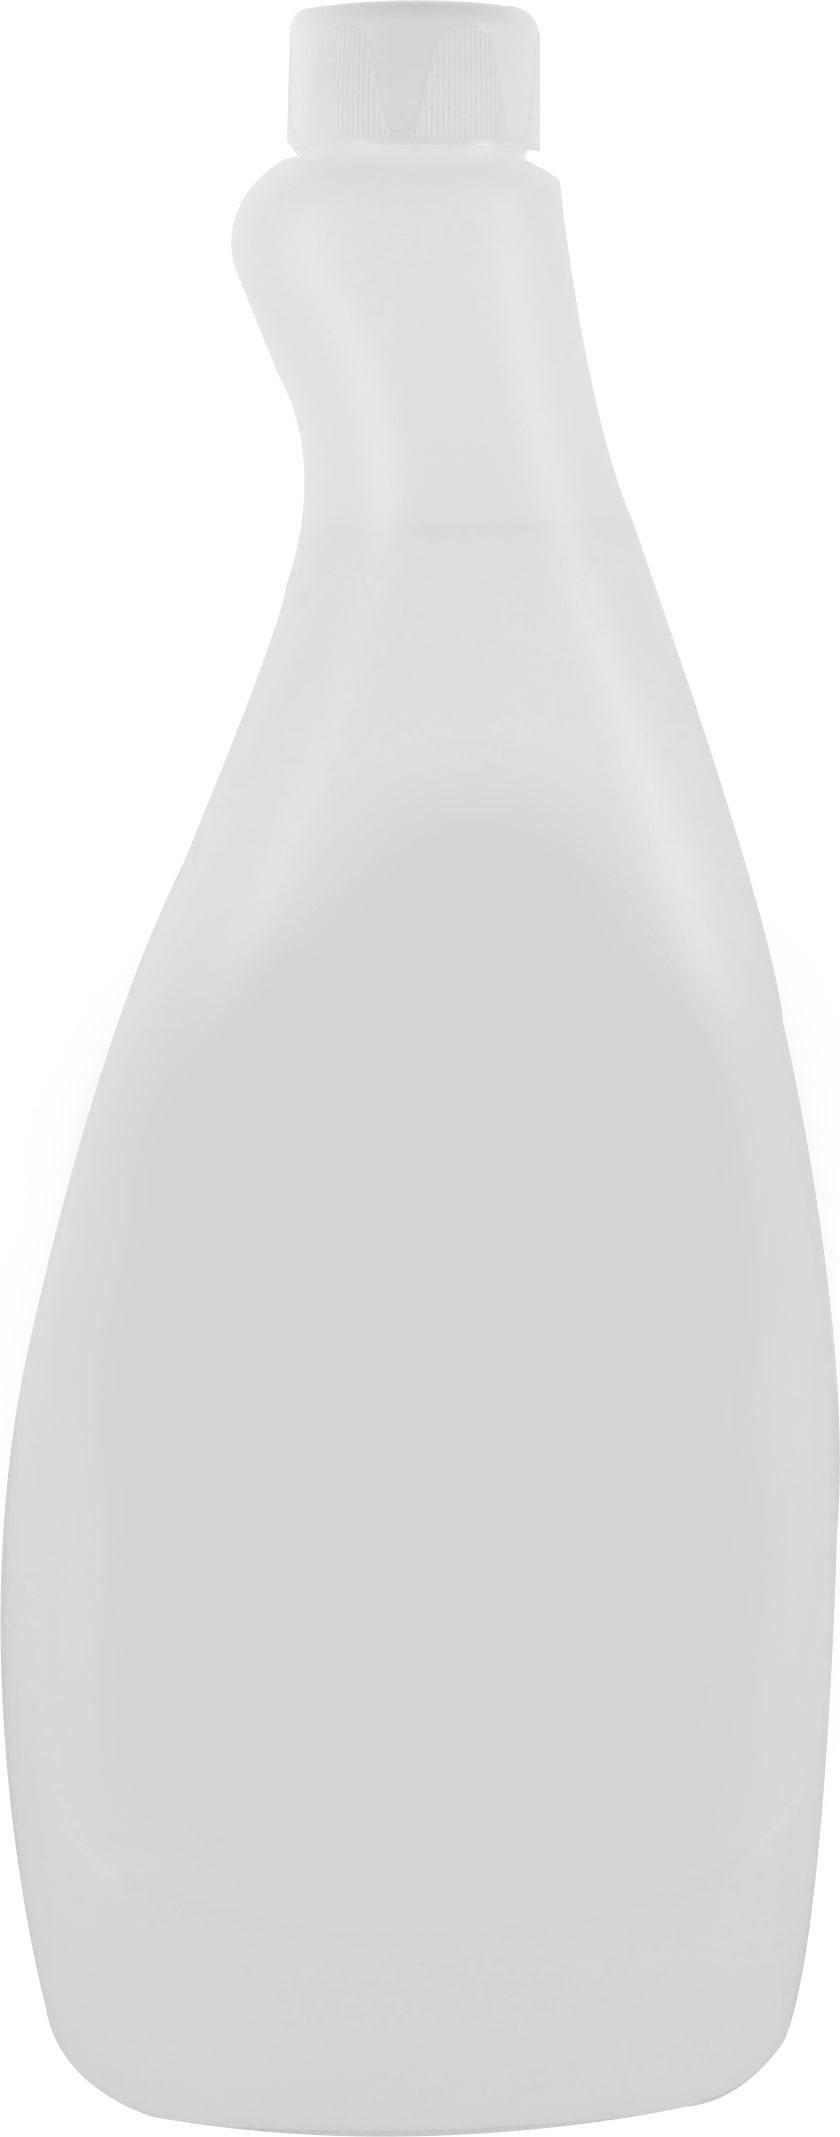 Flacone VUOTO 750ml + tappo + etichetta RIMANE FIORITO